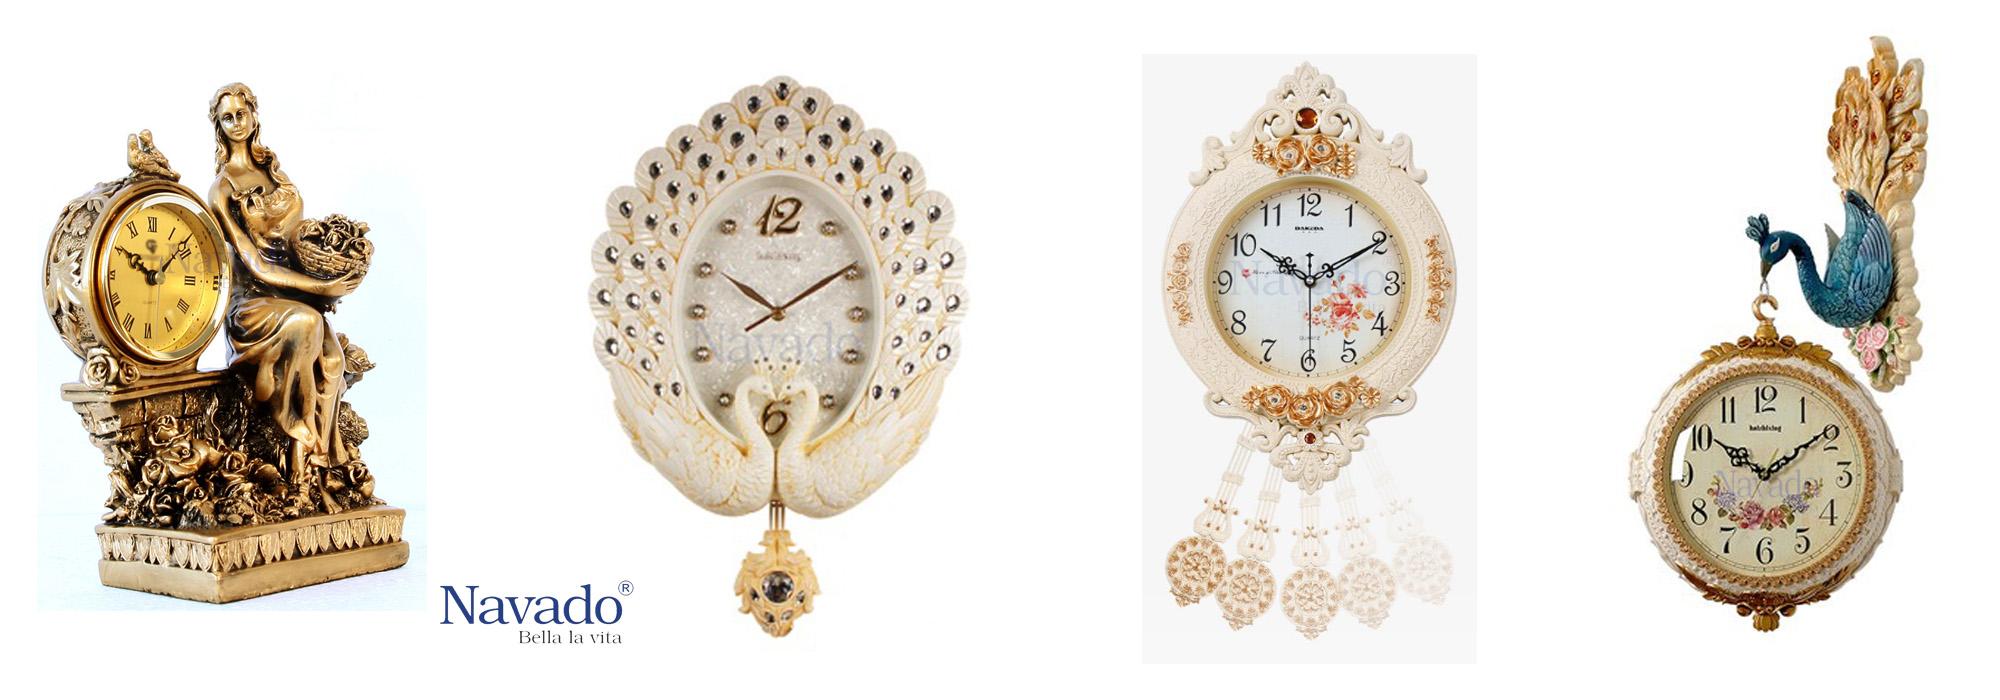 đồng hồ trang trí nghệ thuật Navado